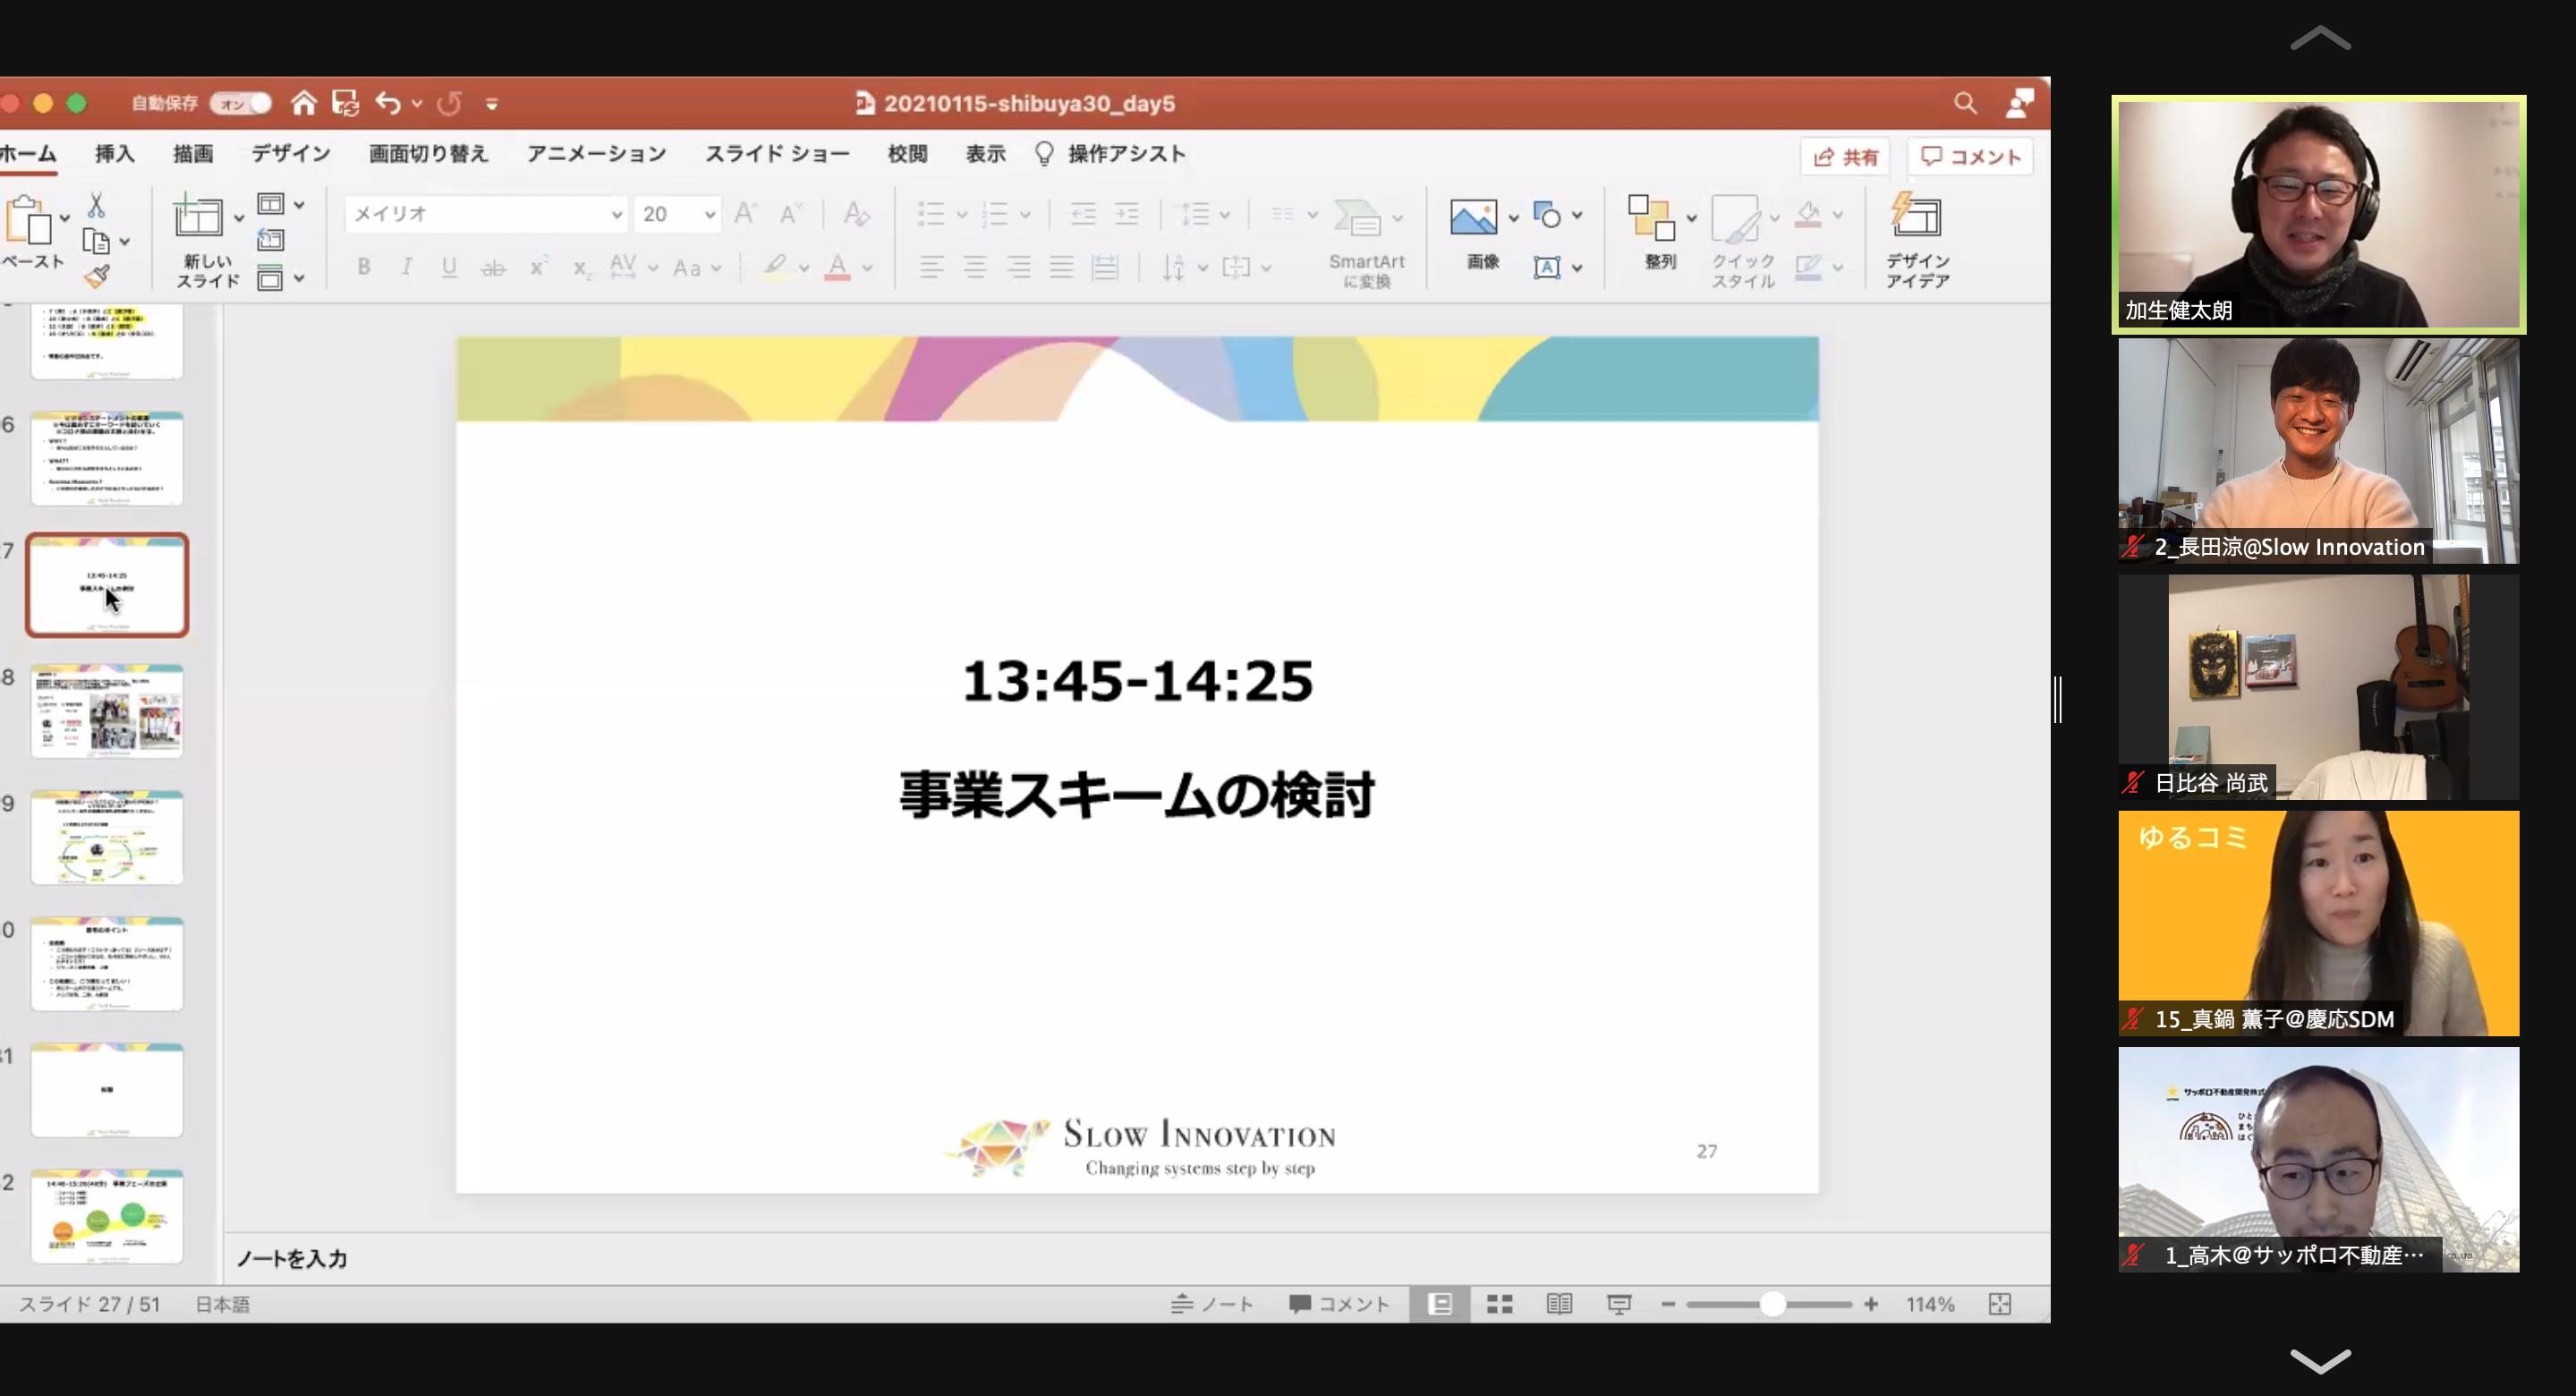 スクリーンショット 2021-01-15 13.47.26